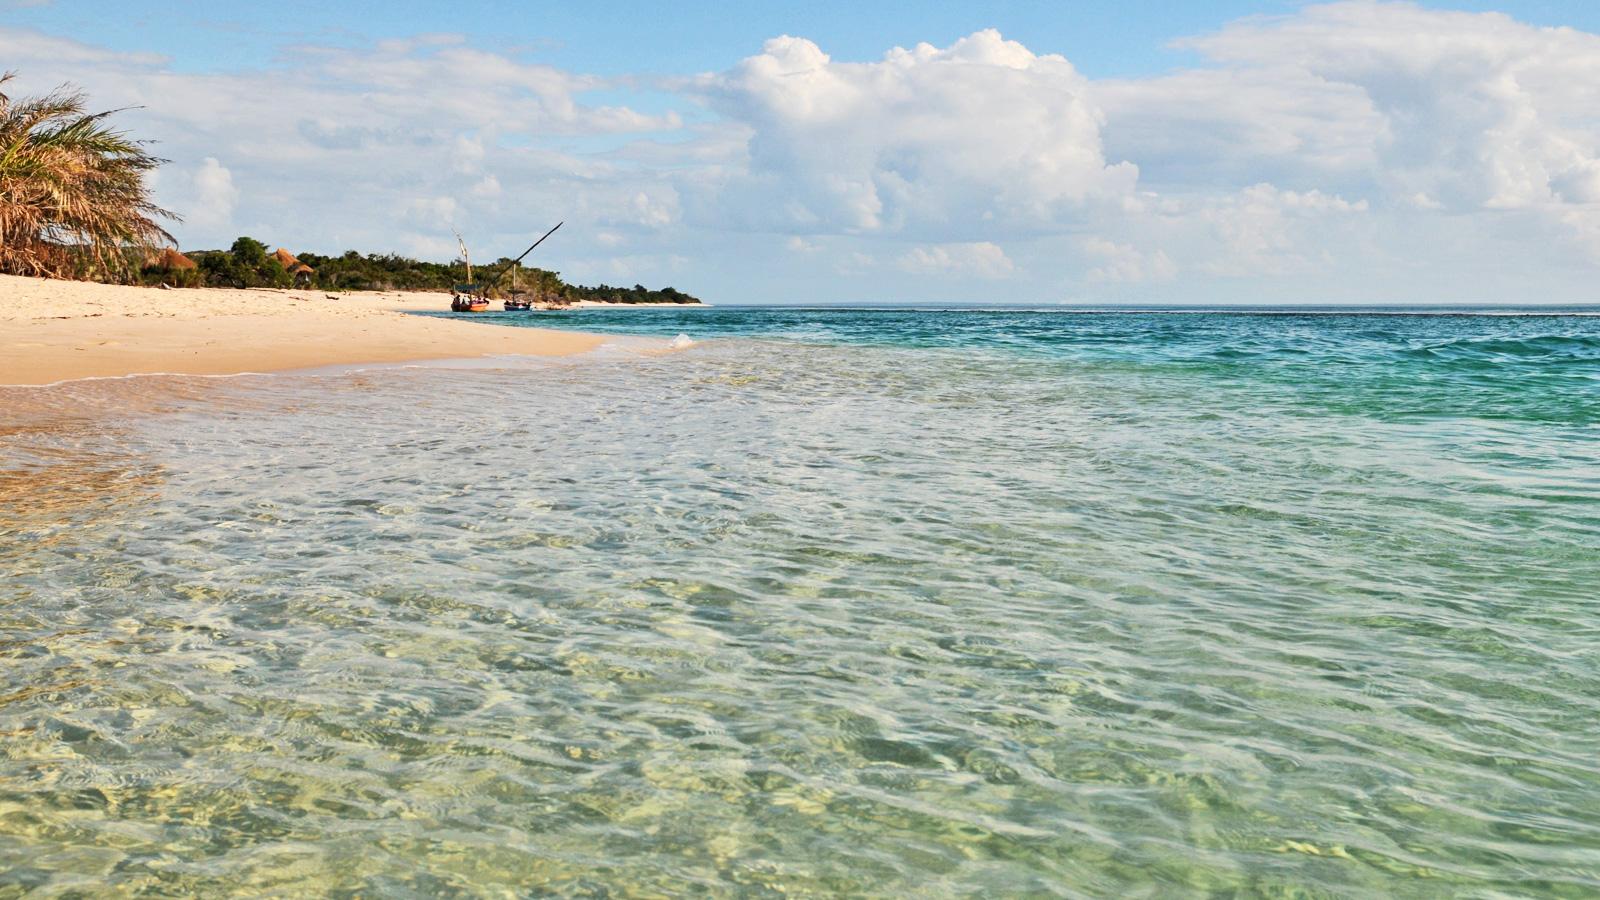 vilanculos bazaruto archipelago Mosambik Erlebnisreise in Kleingruppe traveljunkies